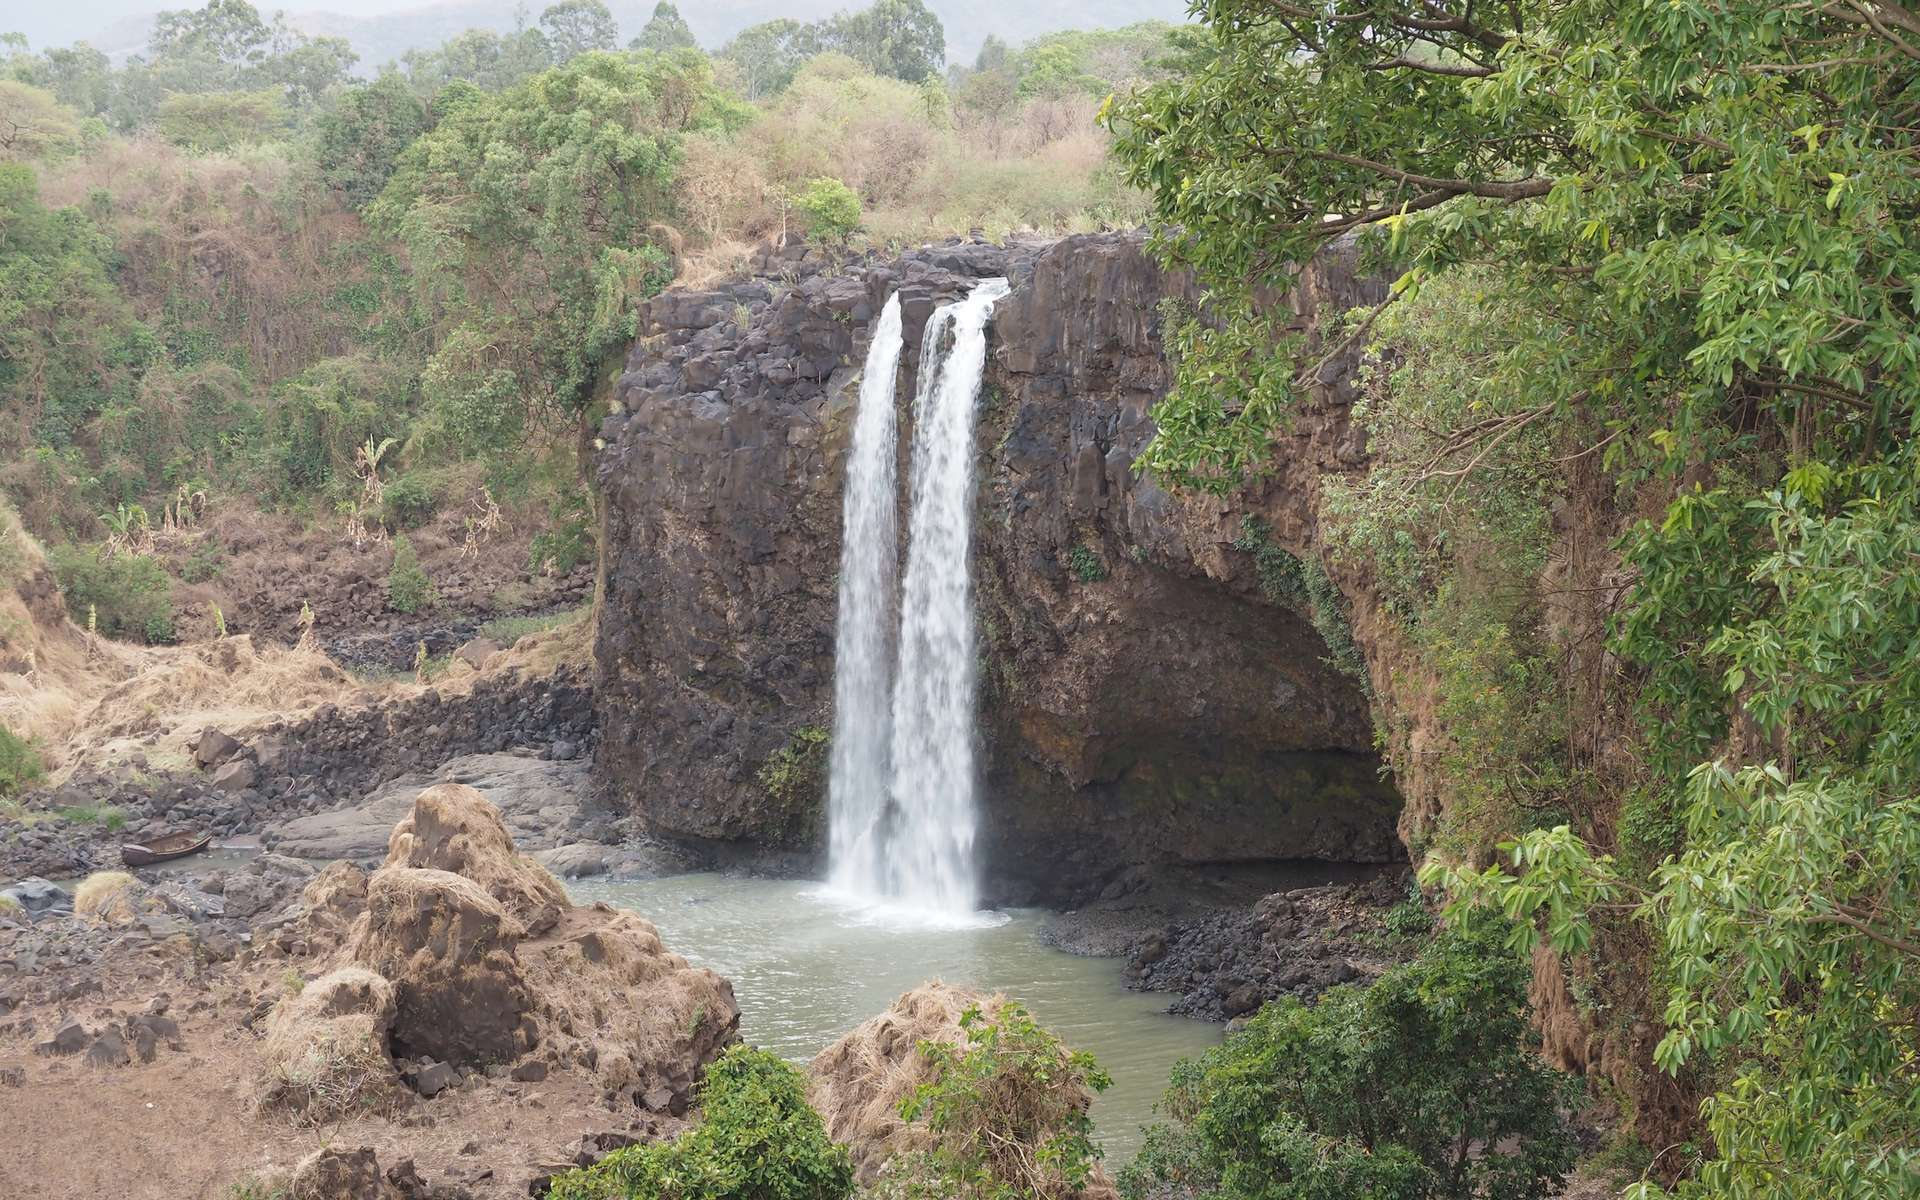 Chutes d'eau en Éthiopie, aux sources du Nil bleu. © vladislav333222, Adobe Stock